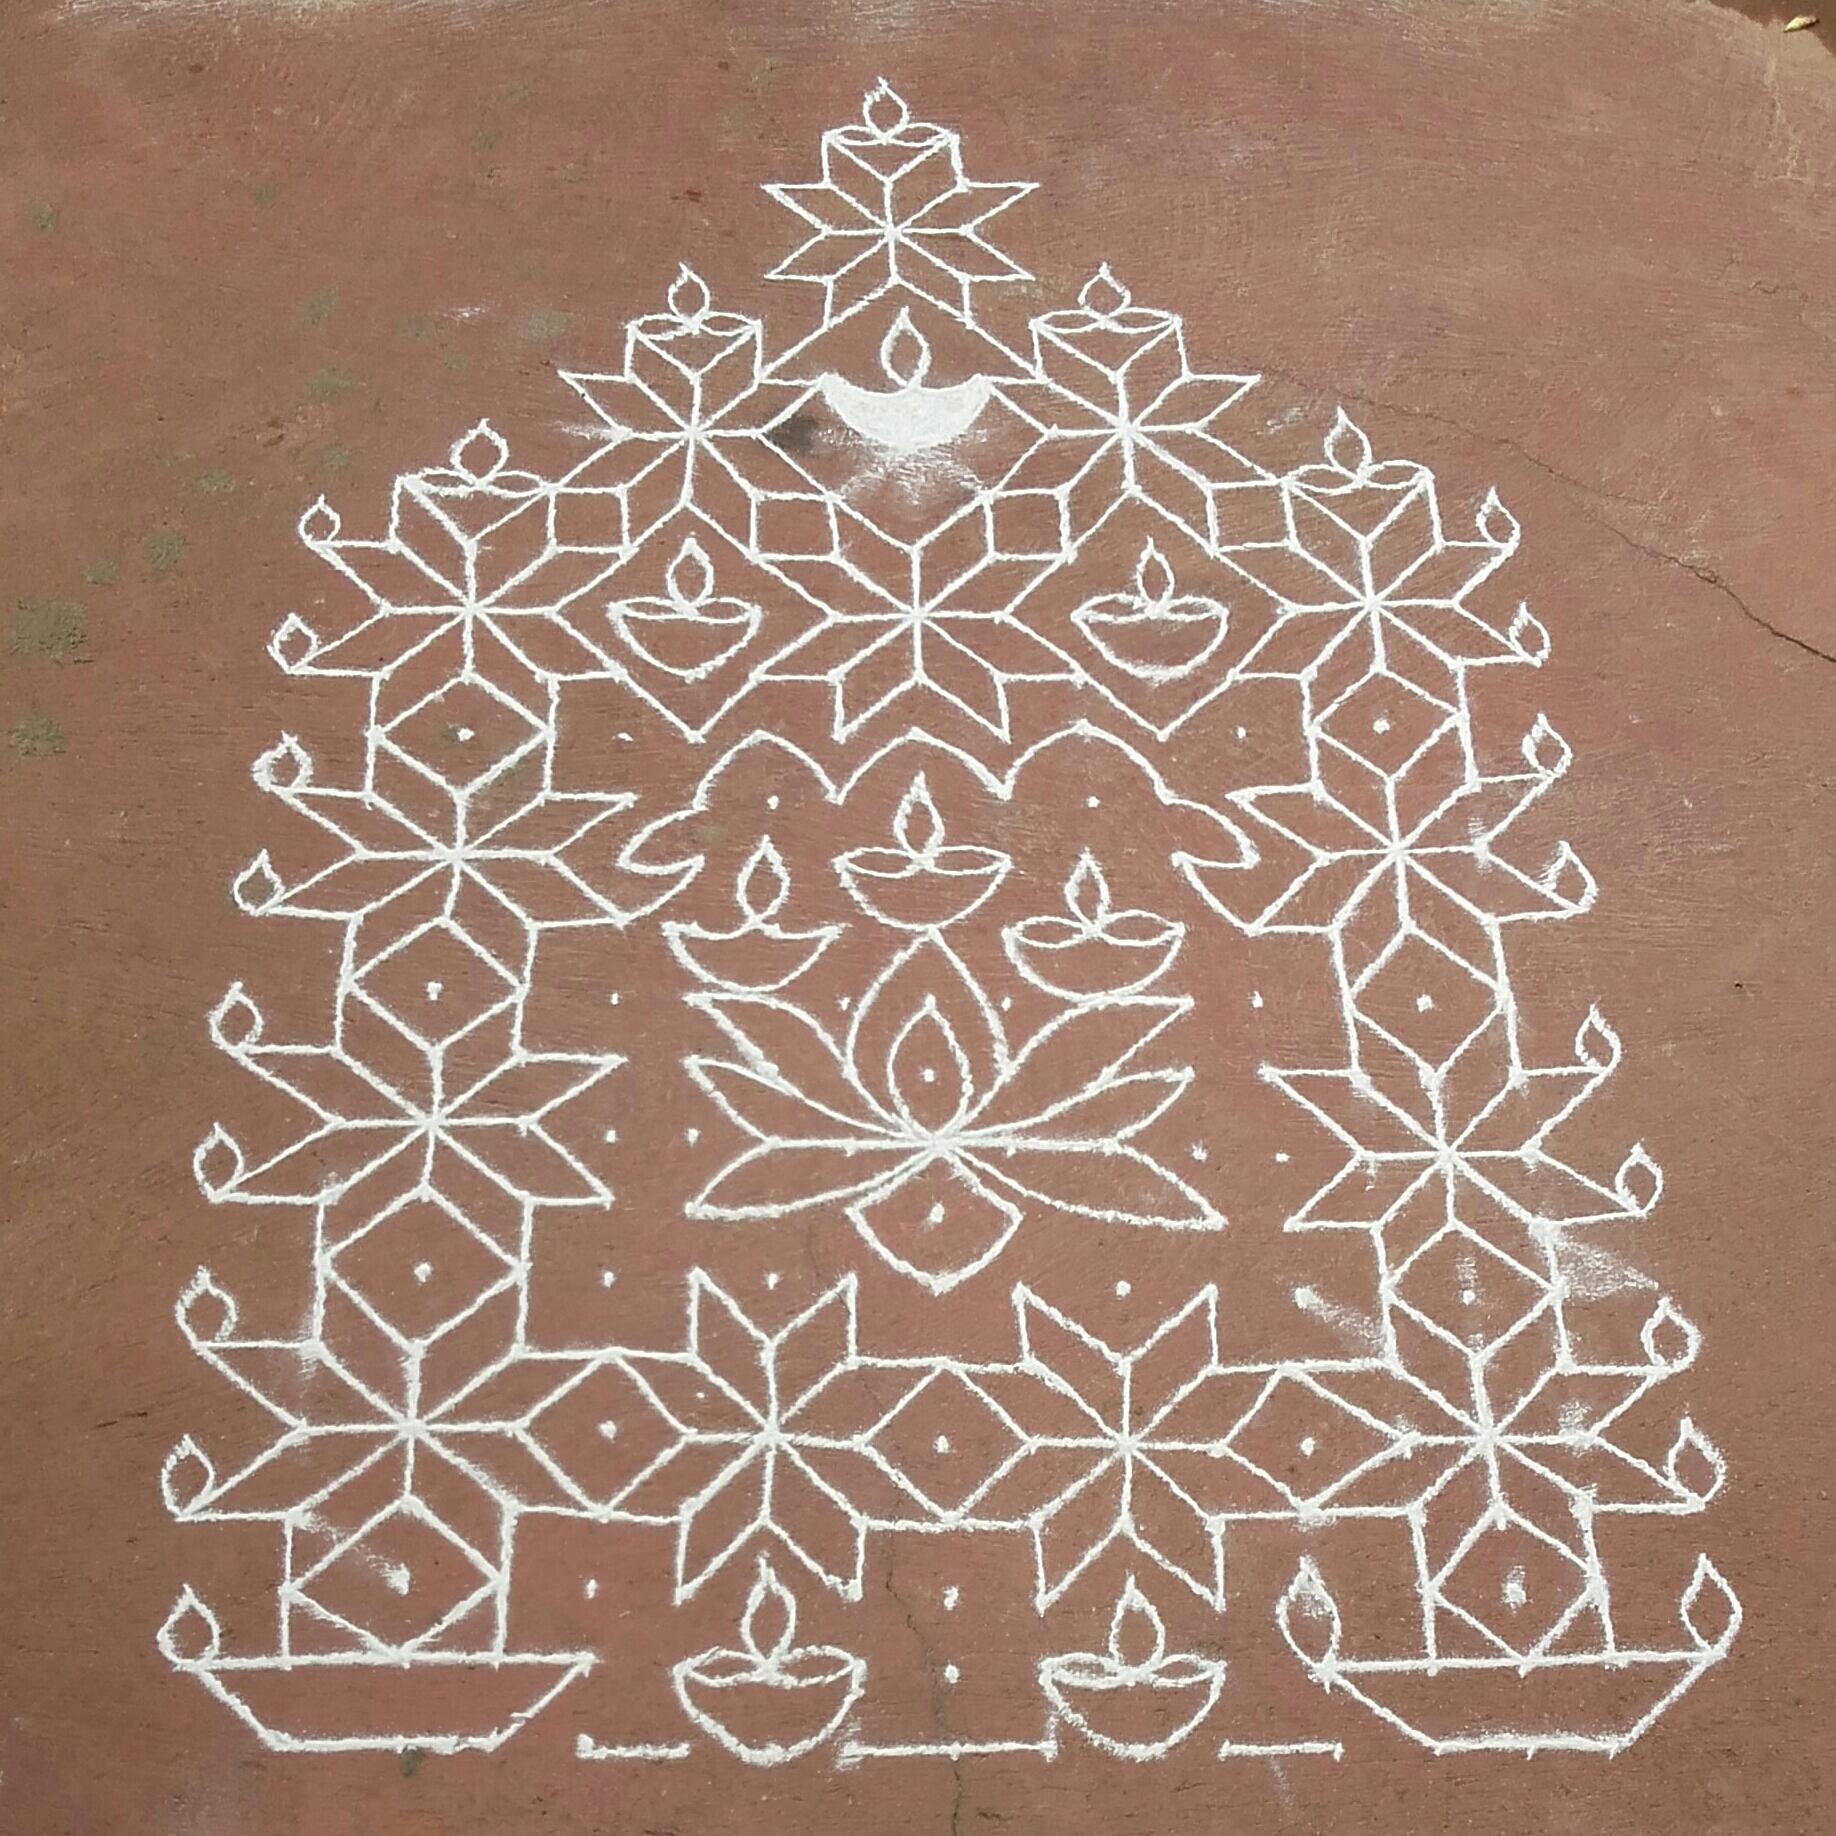 Adukku dheepa Kolam || Lamps kolam || 25 dots contest kolam